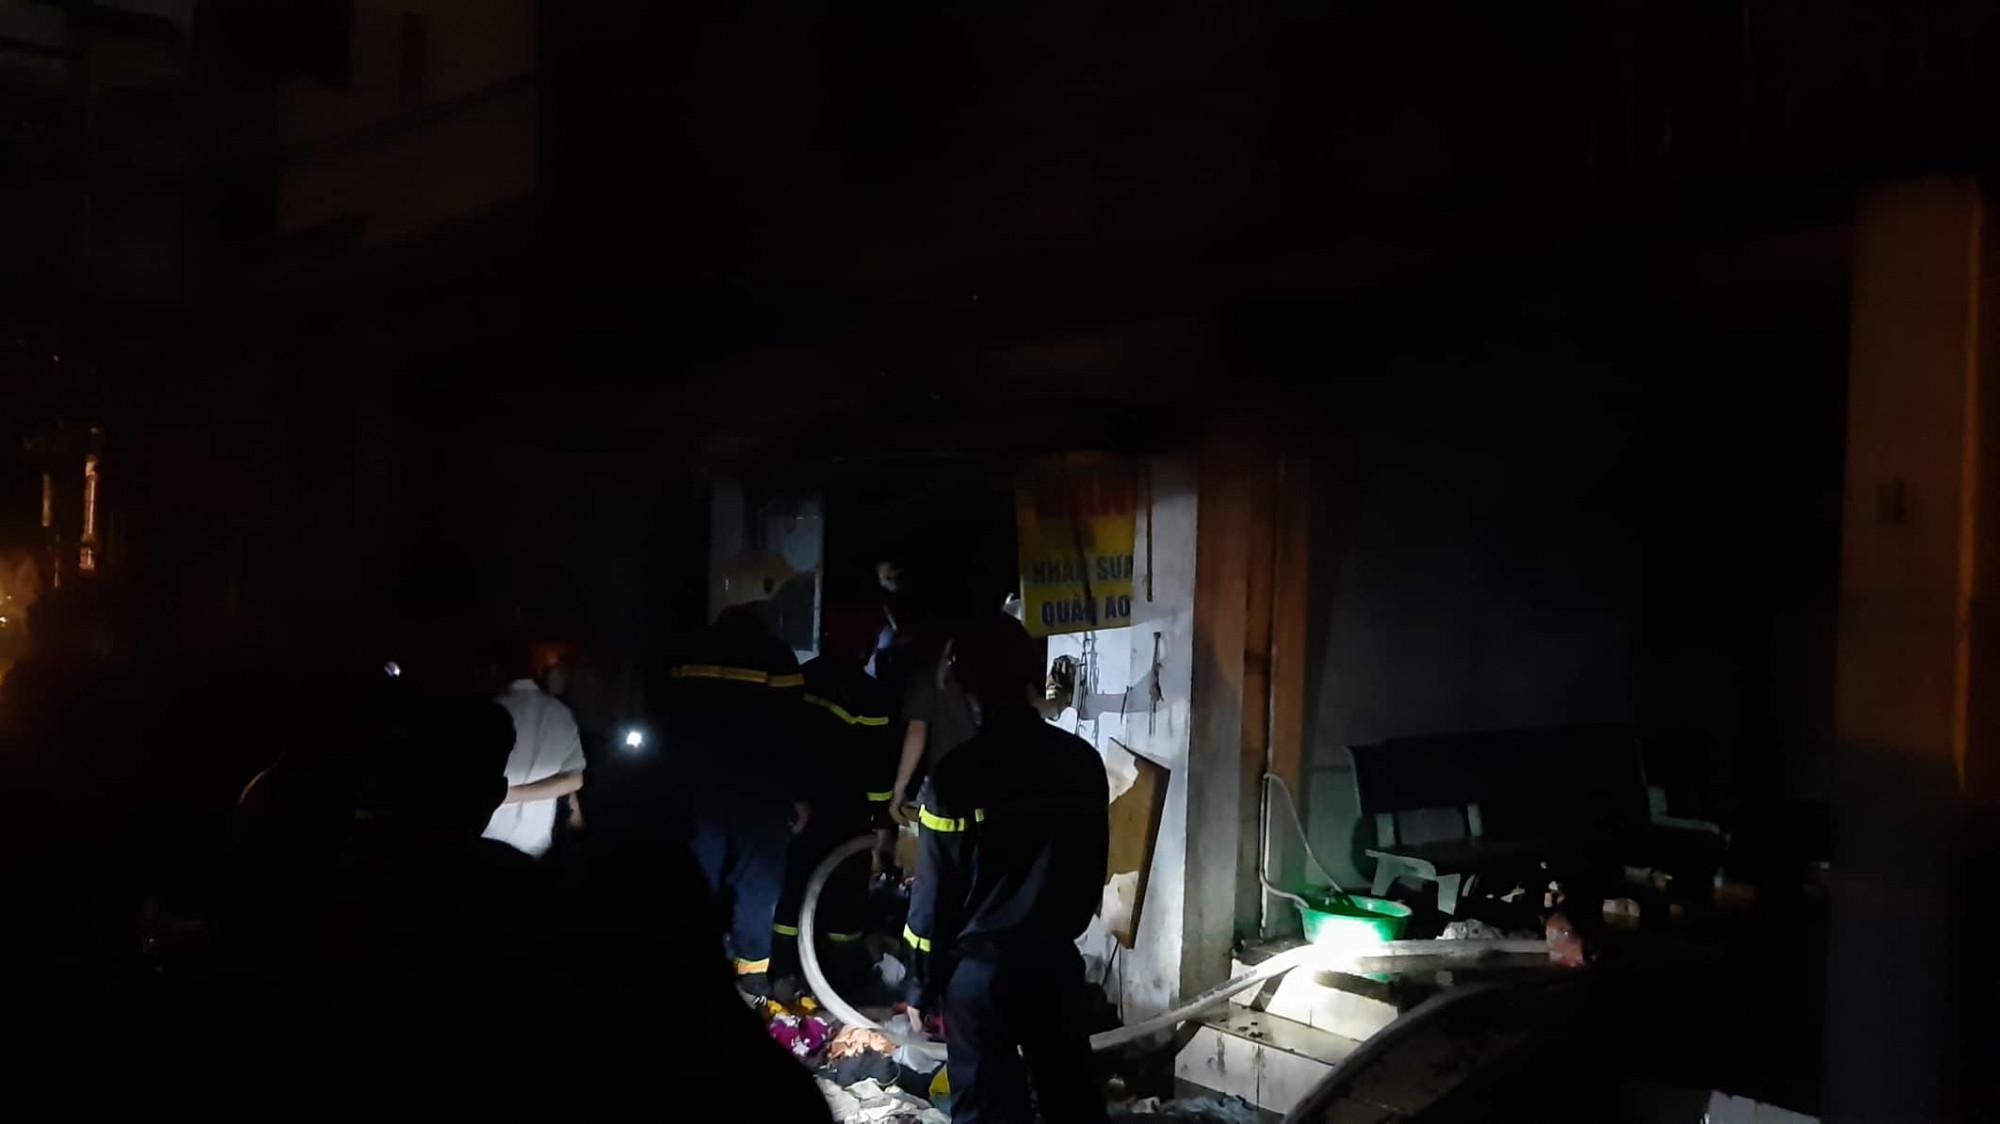 Lực lượng chức năng đang khám nghiệm hiện trường để làm rõ nguyên nhân vụ cháy